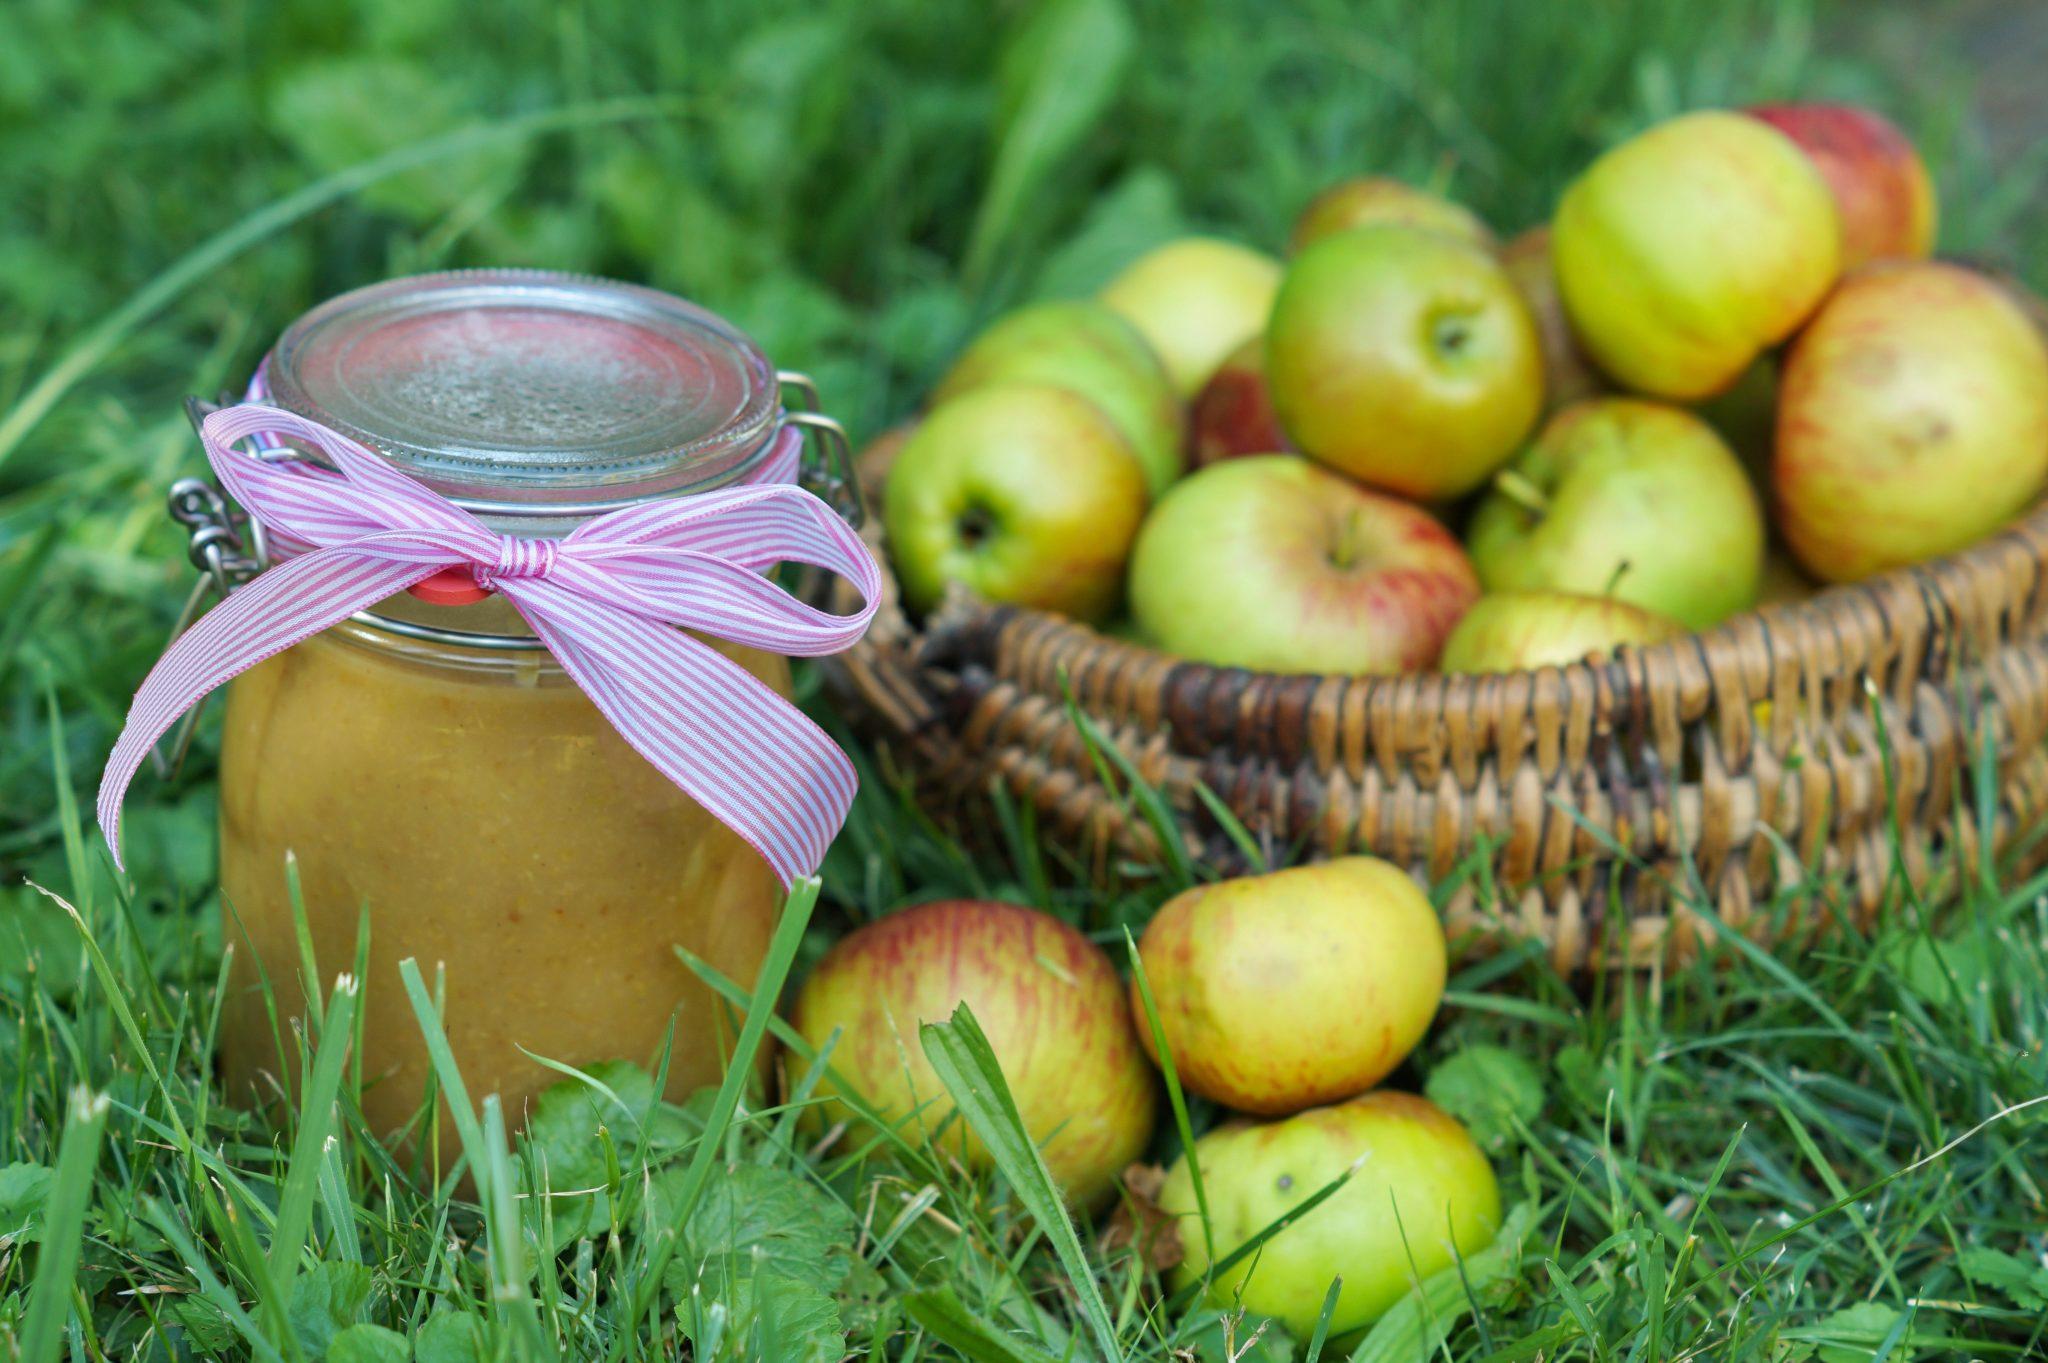 Zuckerfreies selbstgerechtes Apfelmus